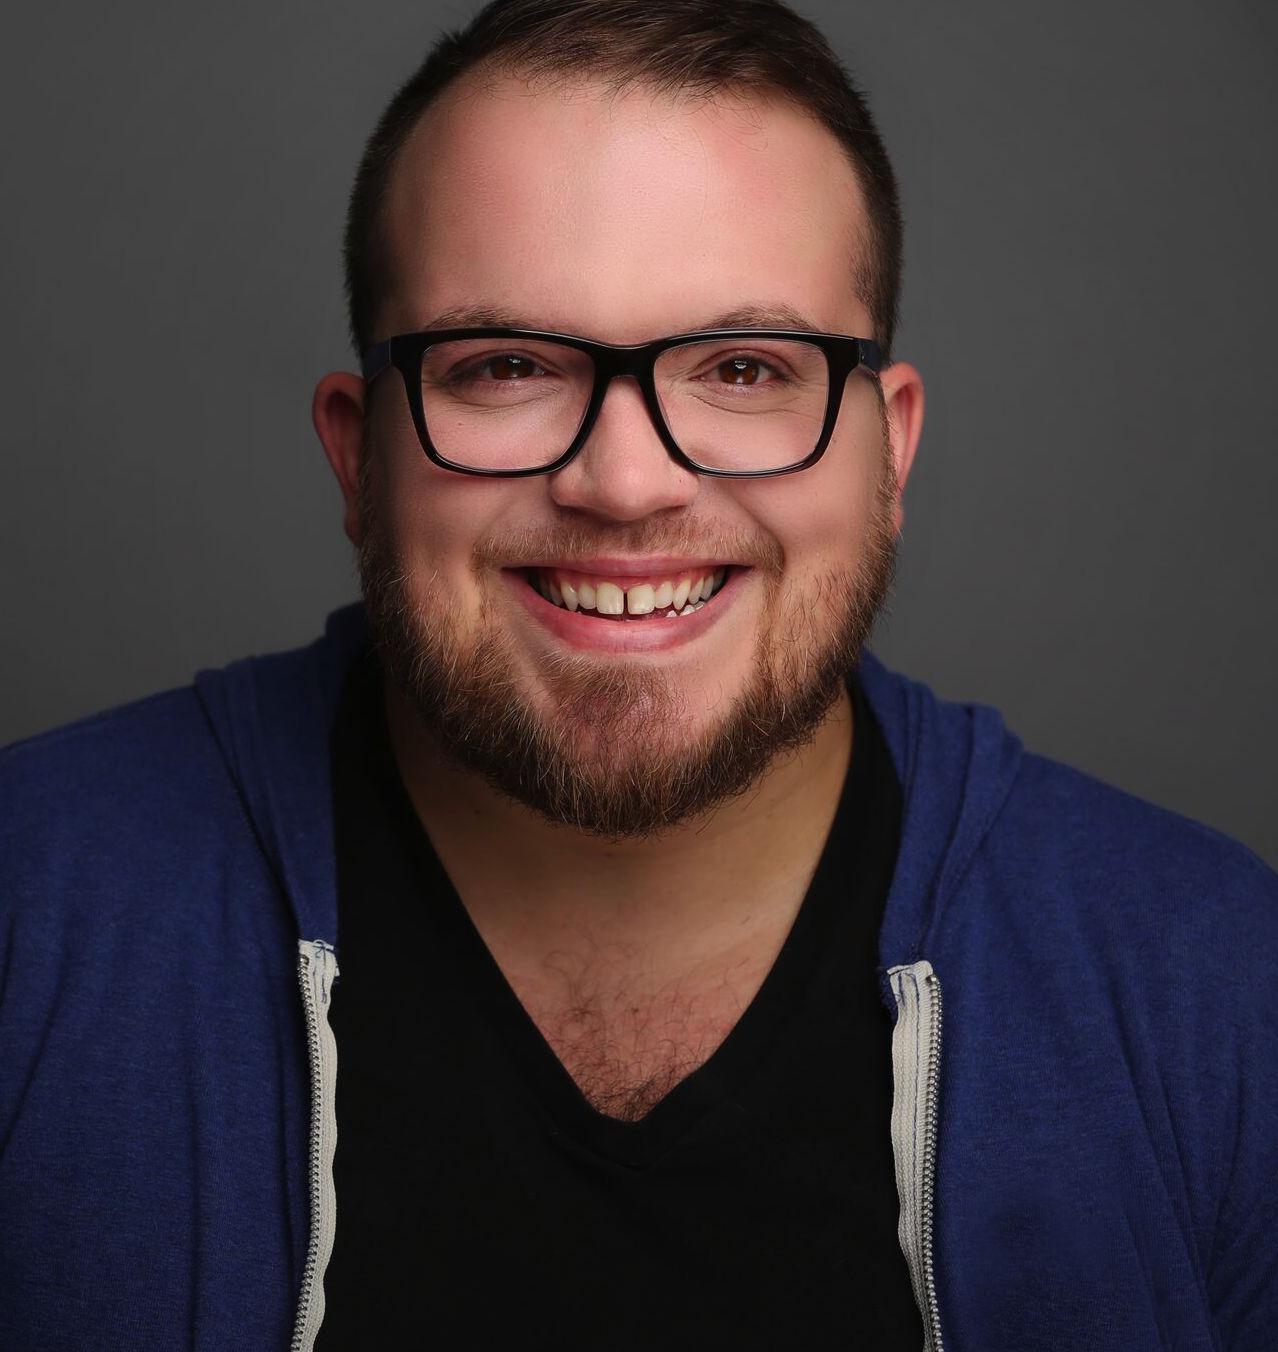 Mathieu Whitman